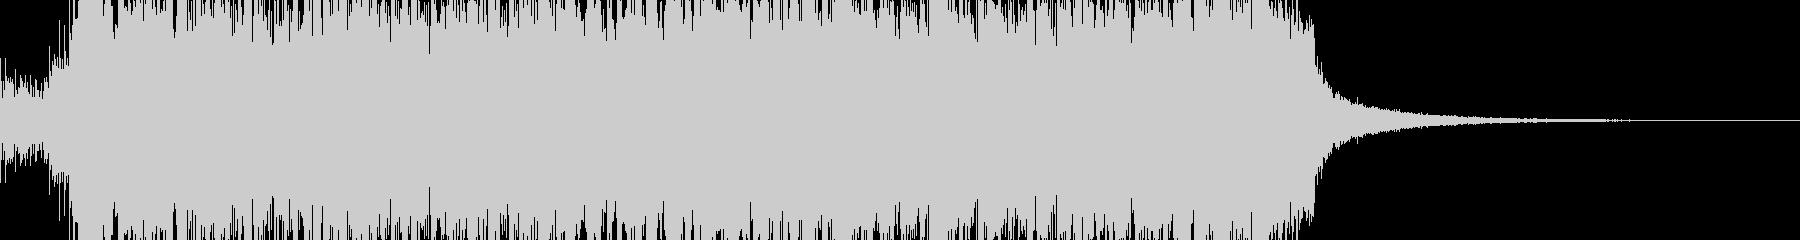 交響曲第9 コーラス トランス 01J2の未再生の波形